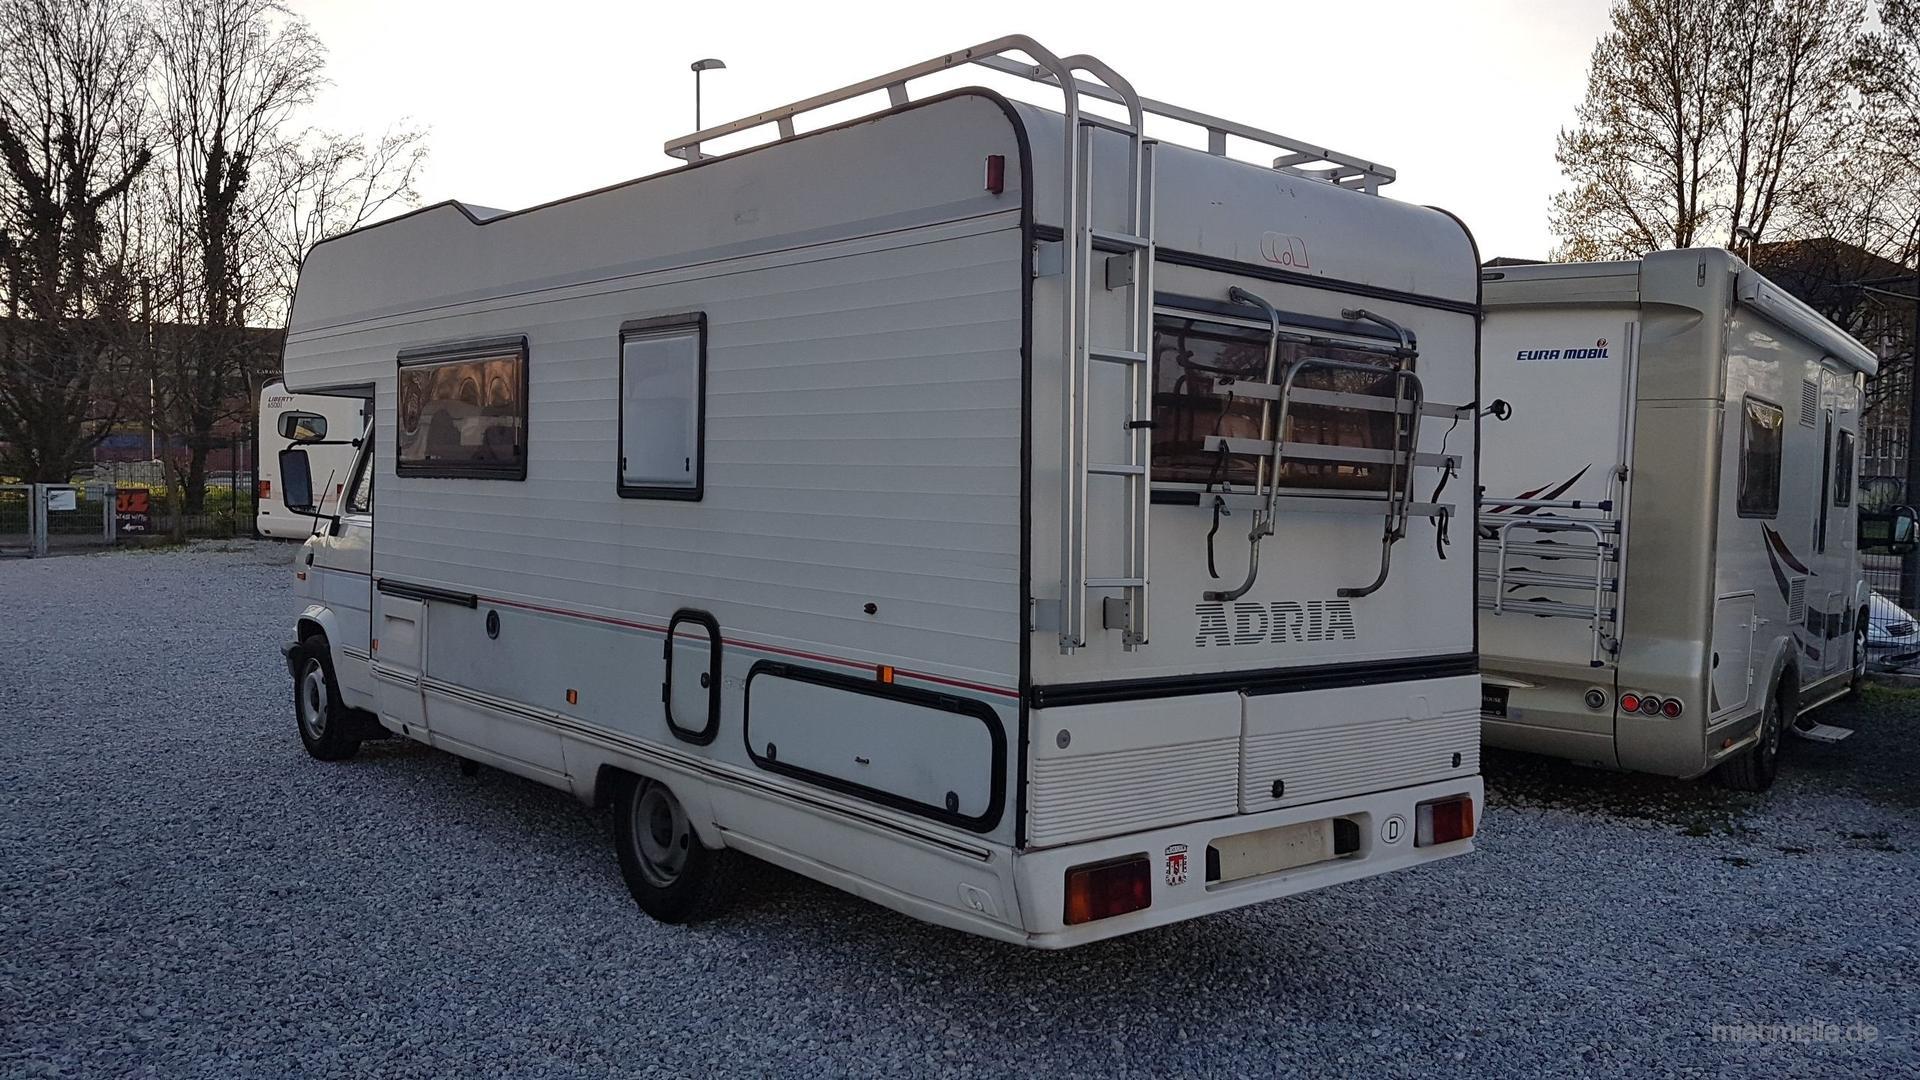 Wohnmobile mieten & vermieten - Wohnmobil Alkoven mieten / ab 48 Euro in Mülheim an der Ruhr